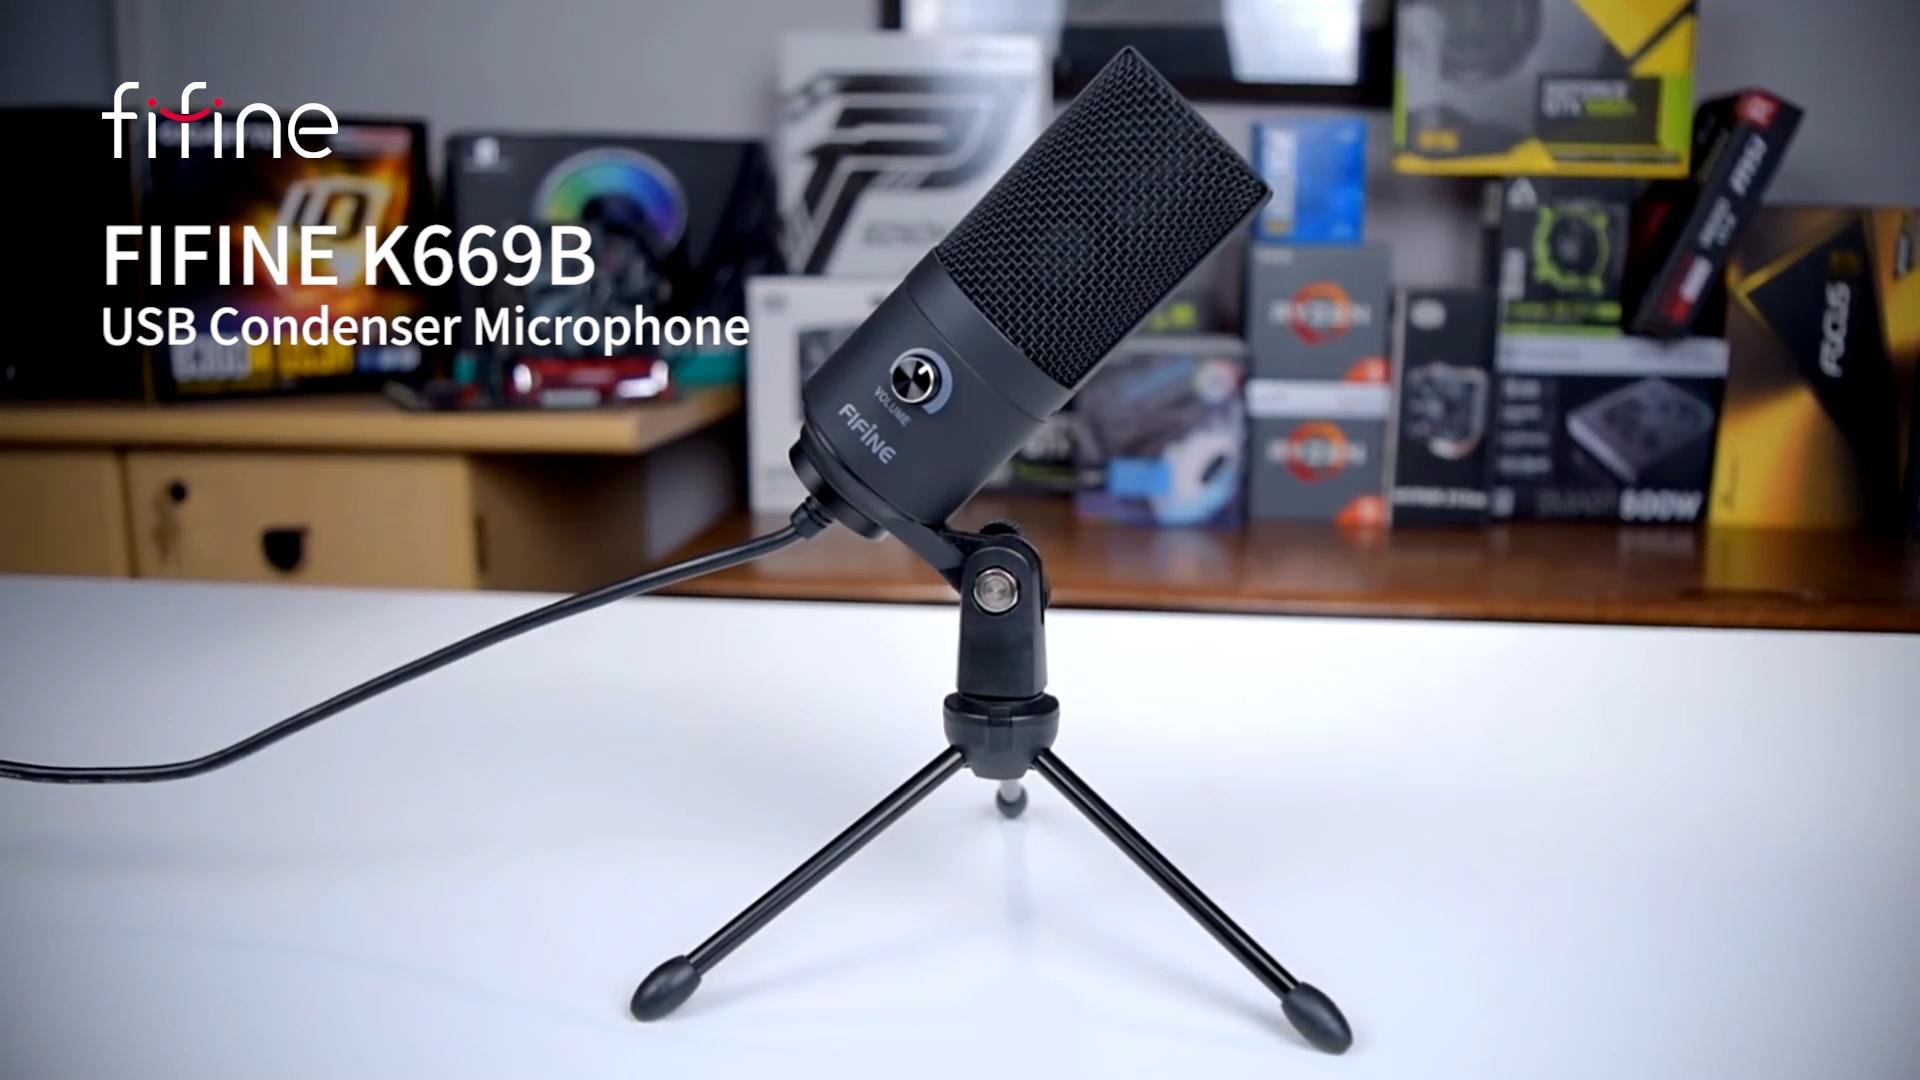 Fifine home studio de gravação microfone condensador USB microfone